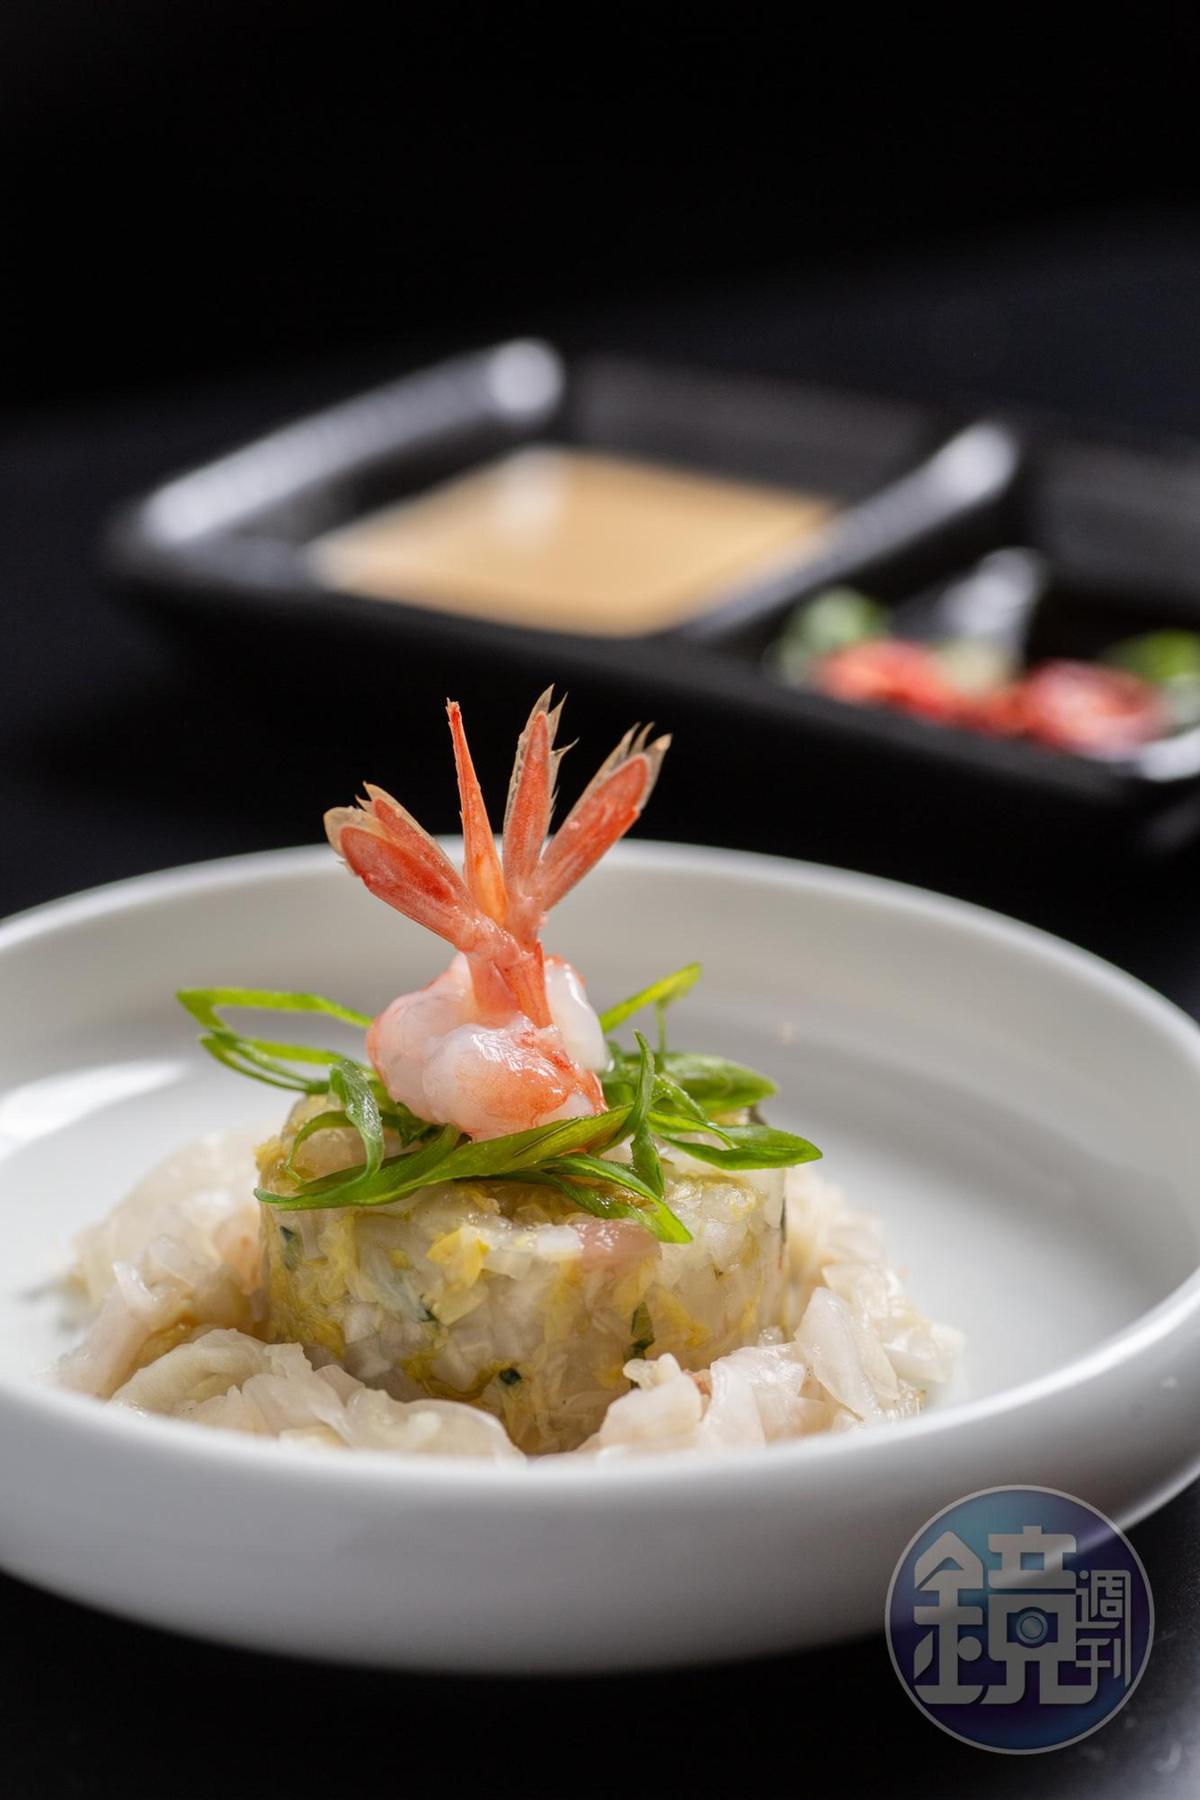 1個人就能吃的酸菜白肉鍋 吃得到臺灣「帶皮黑毛豬」 - Yahoo奇摩新聞